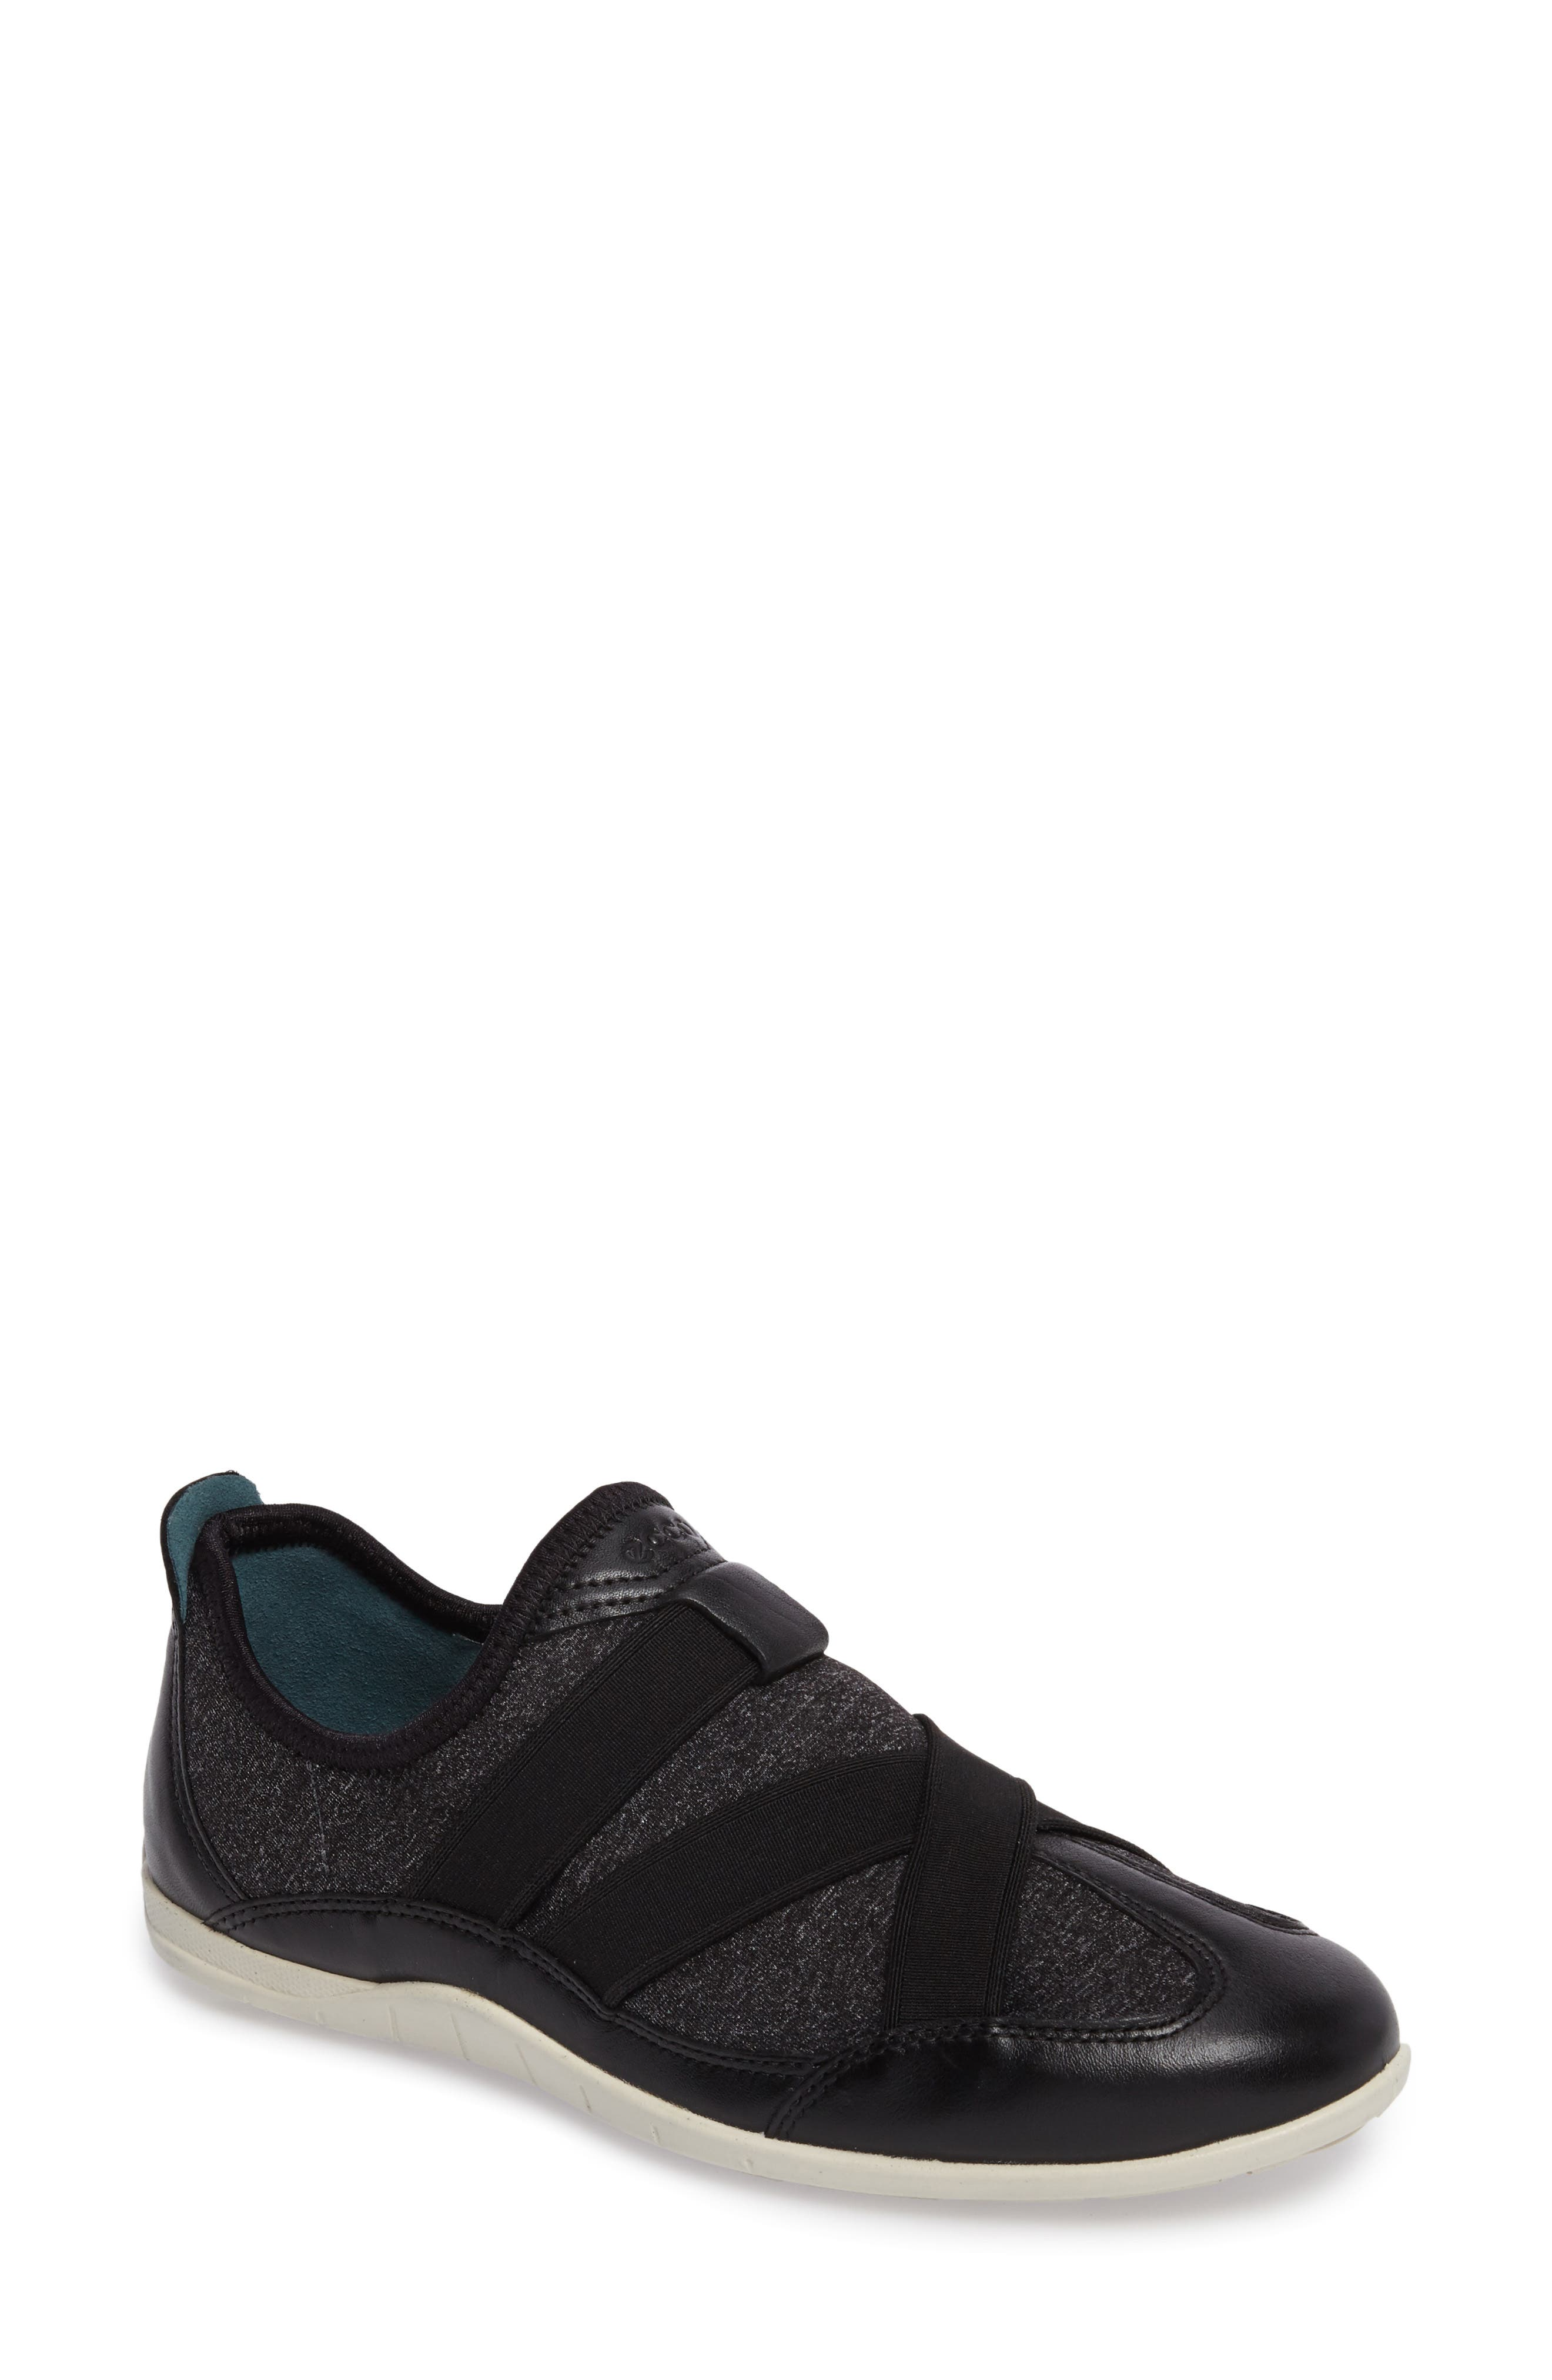 'Bluma' Sneaker,                             Main thumbnail 1, color,                             010